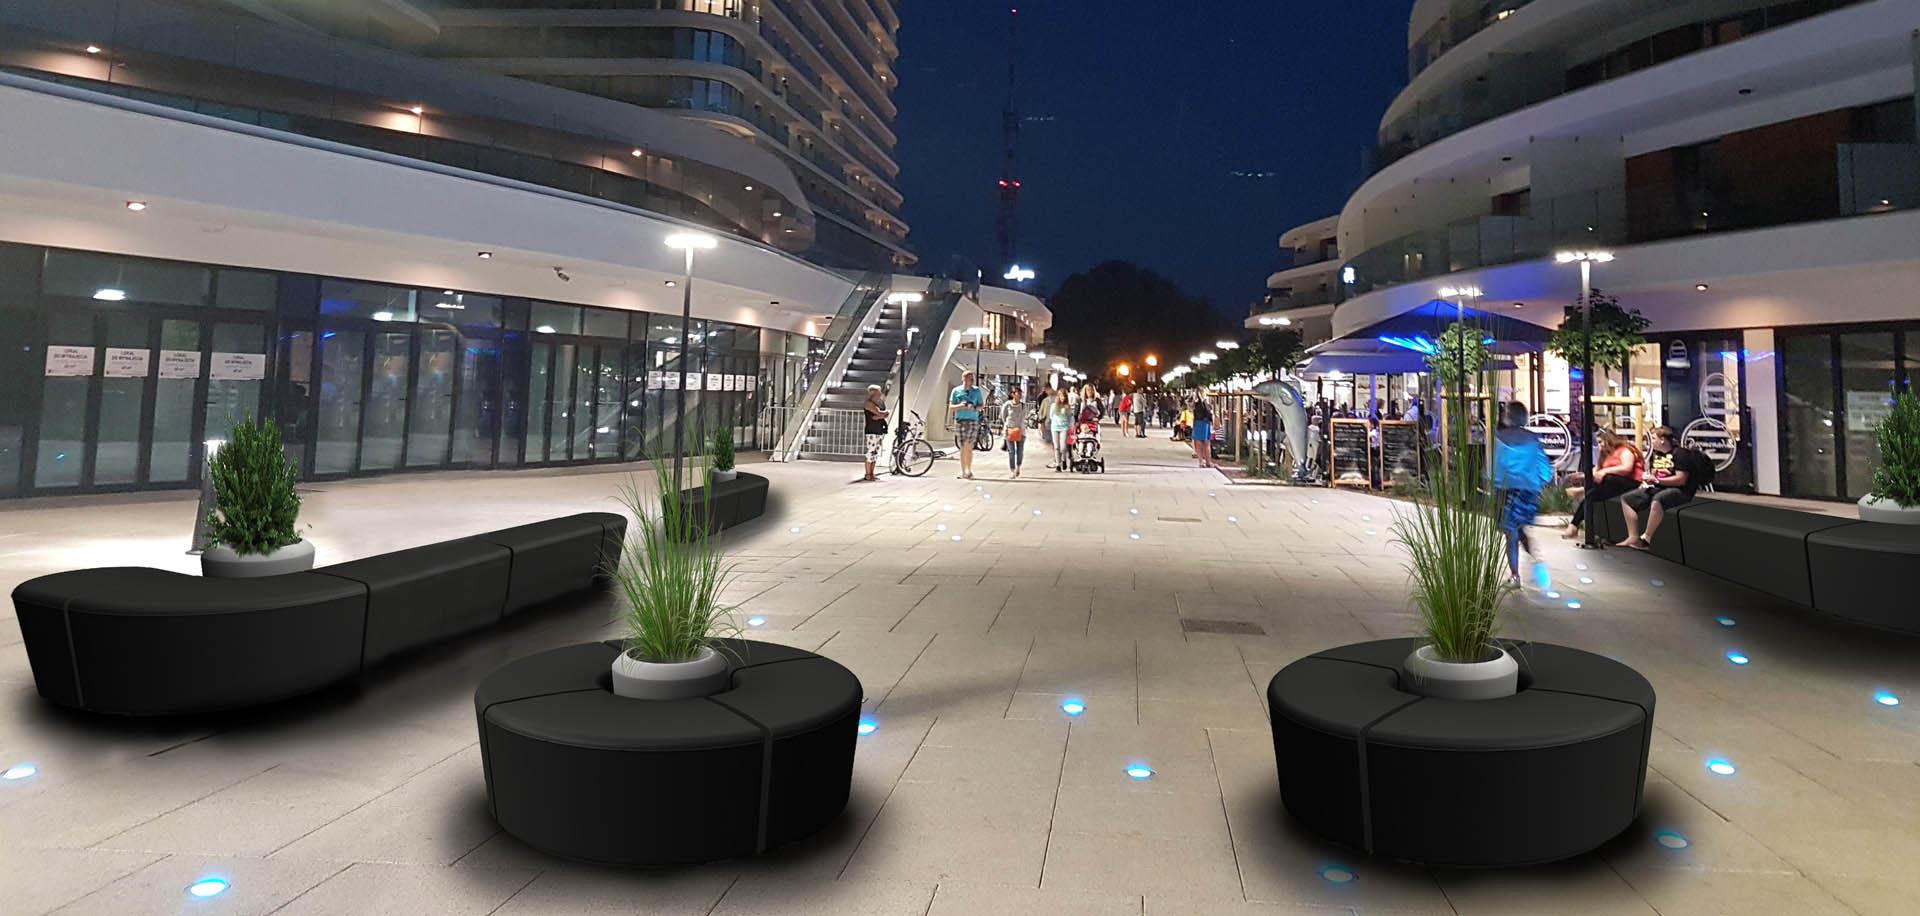 ławki modułowe miejskie meble meble do przestrzeni miejskich przestrzenie publiczne